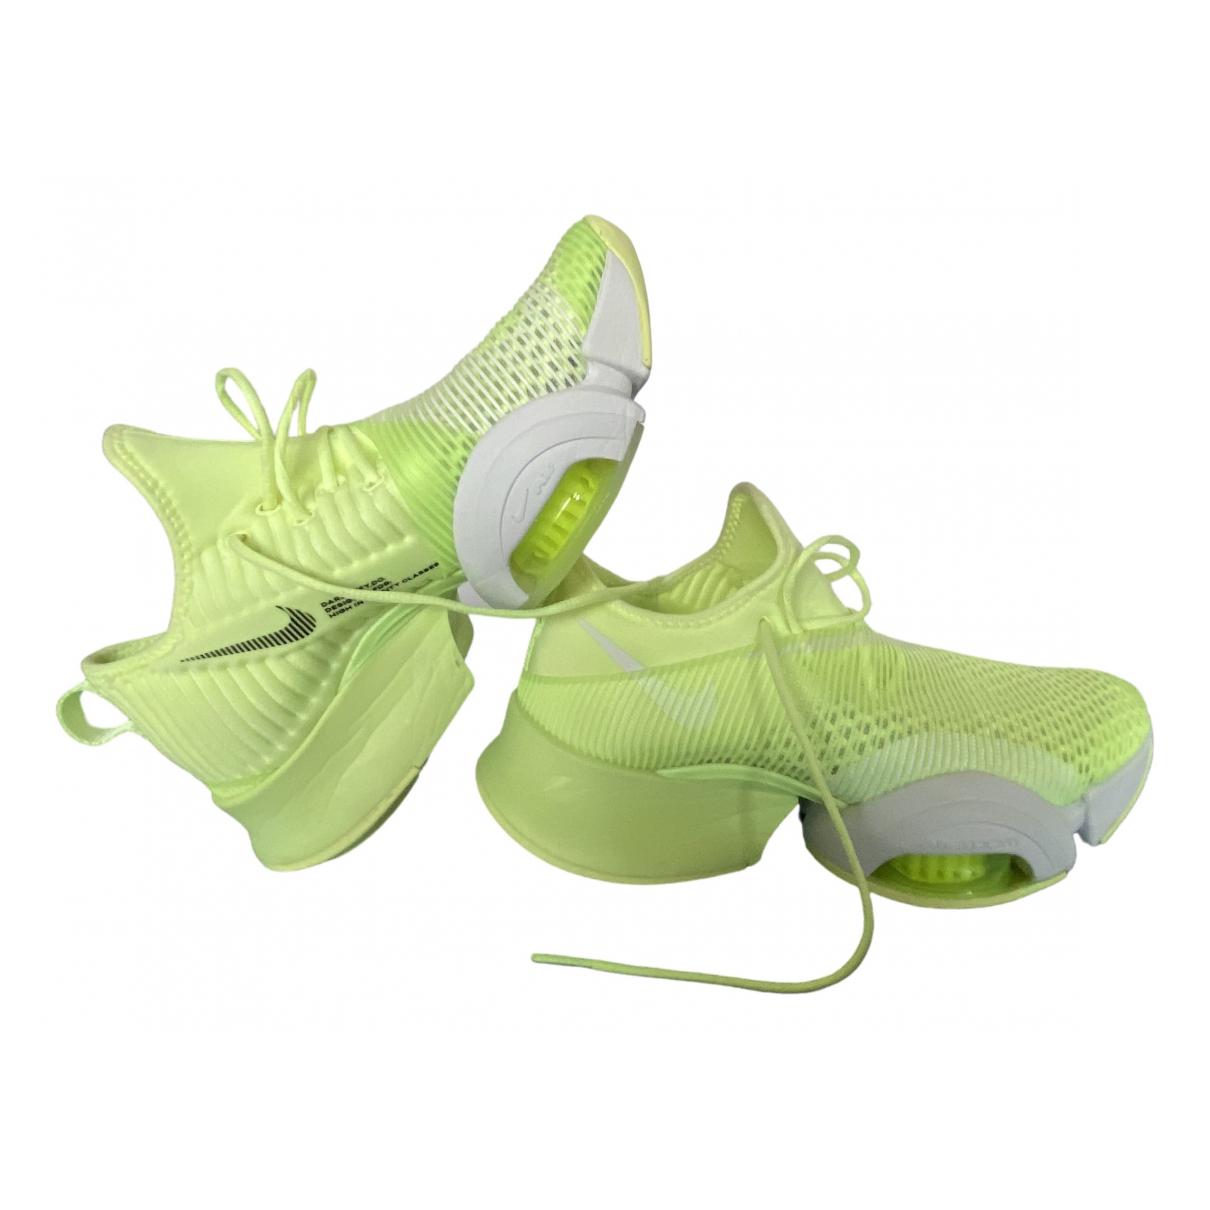 Nike \N Sneakers in Polyester